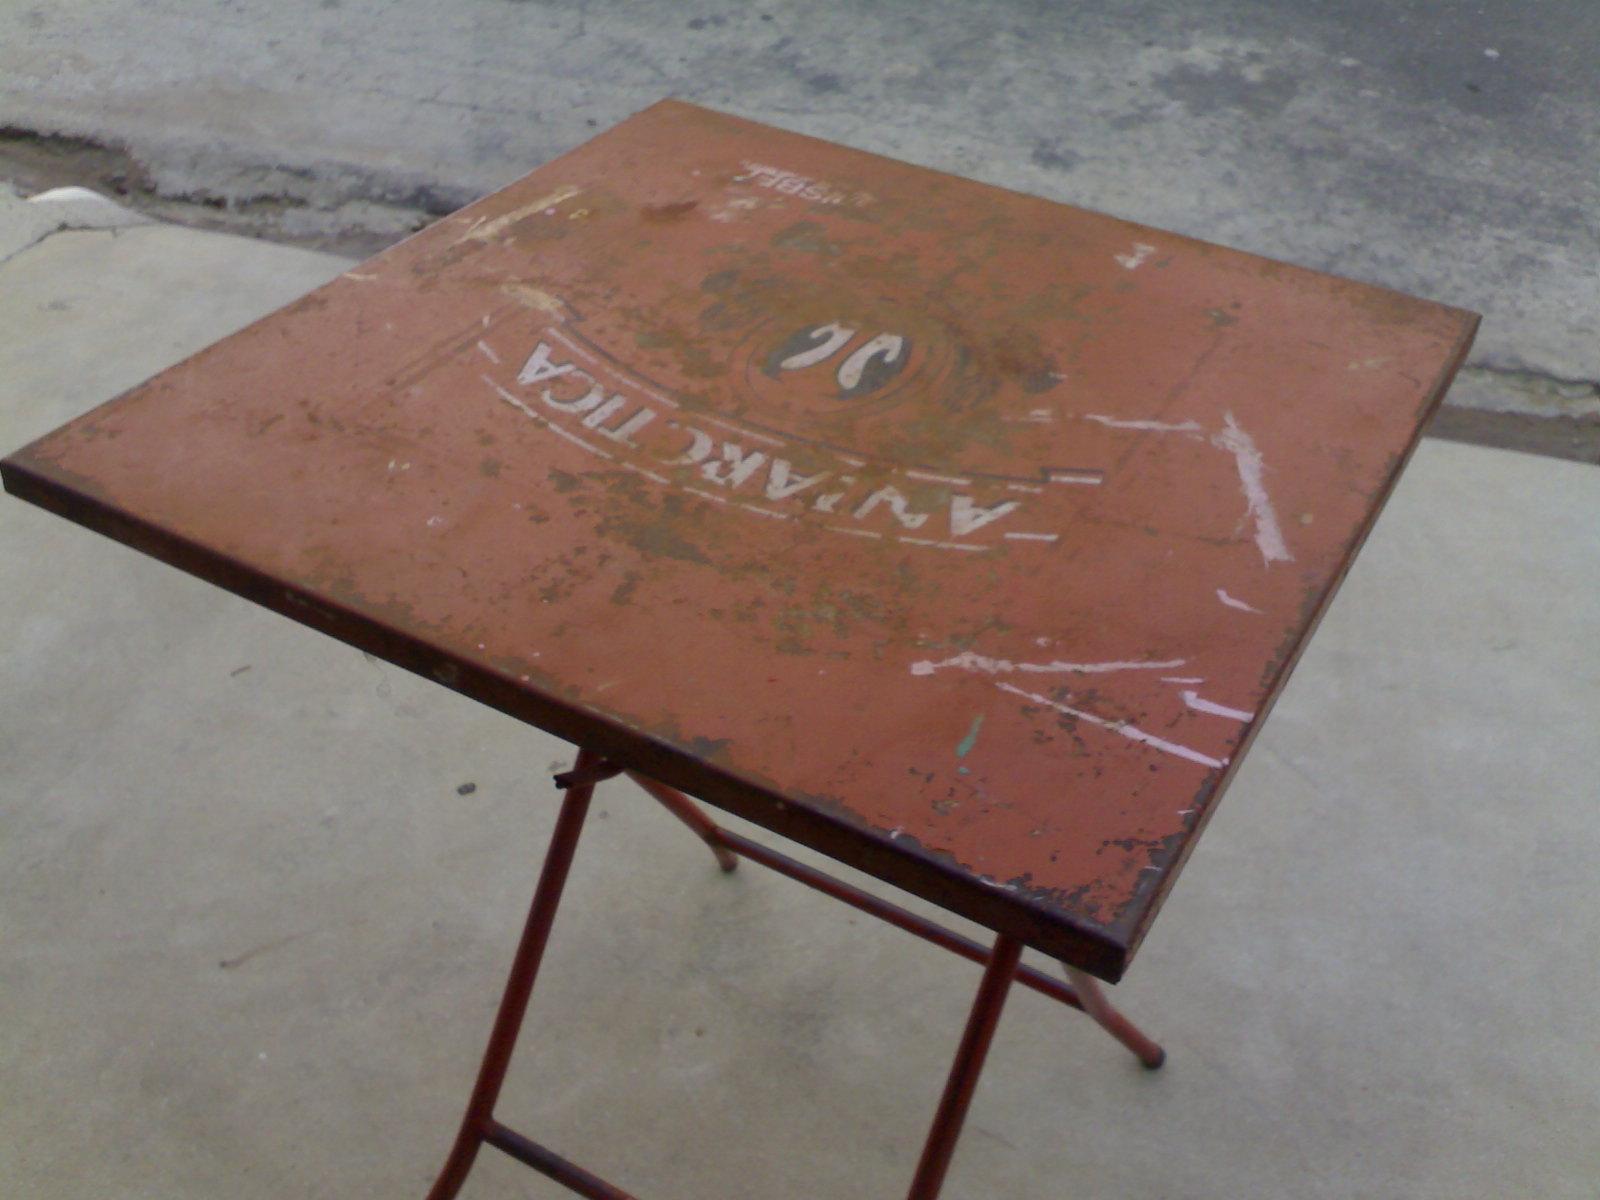 1º O maridão que está de ferias lixou a mesa e lavou para tirar o  #7A4D41 1600x1200